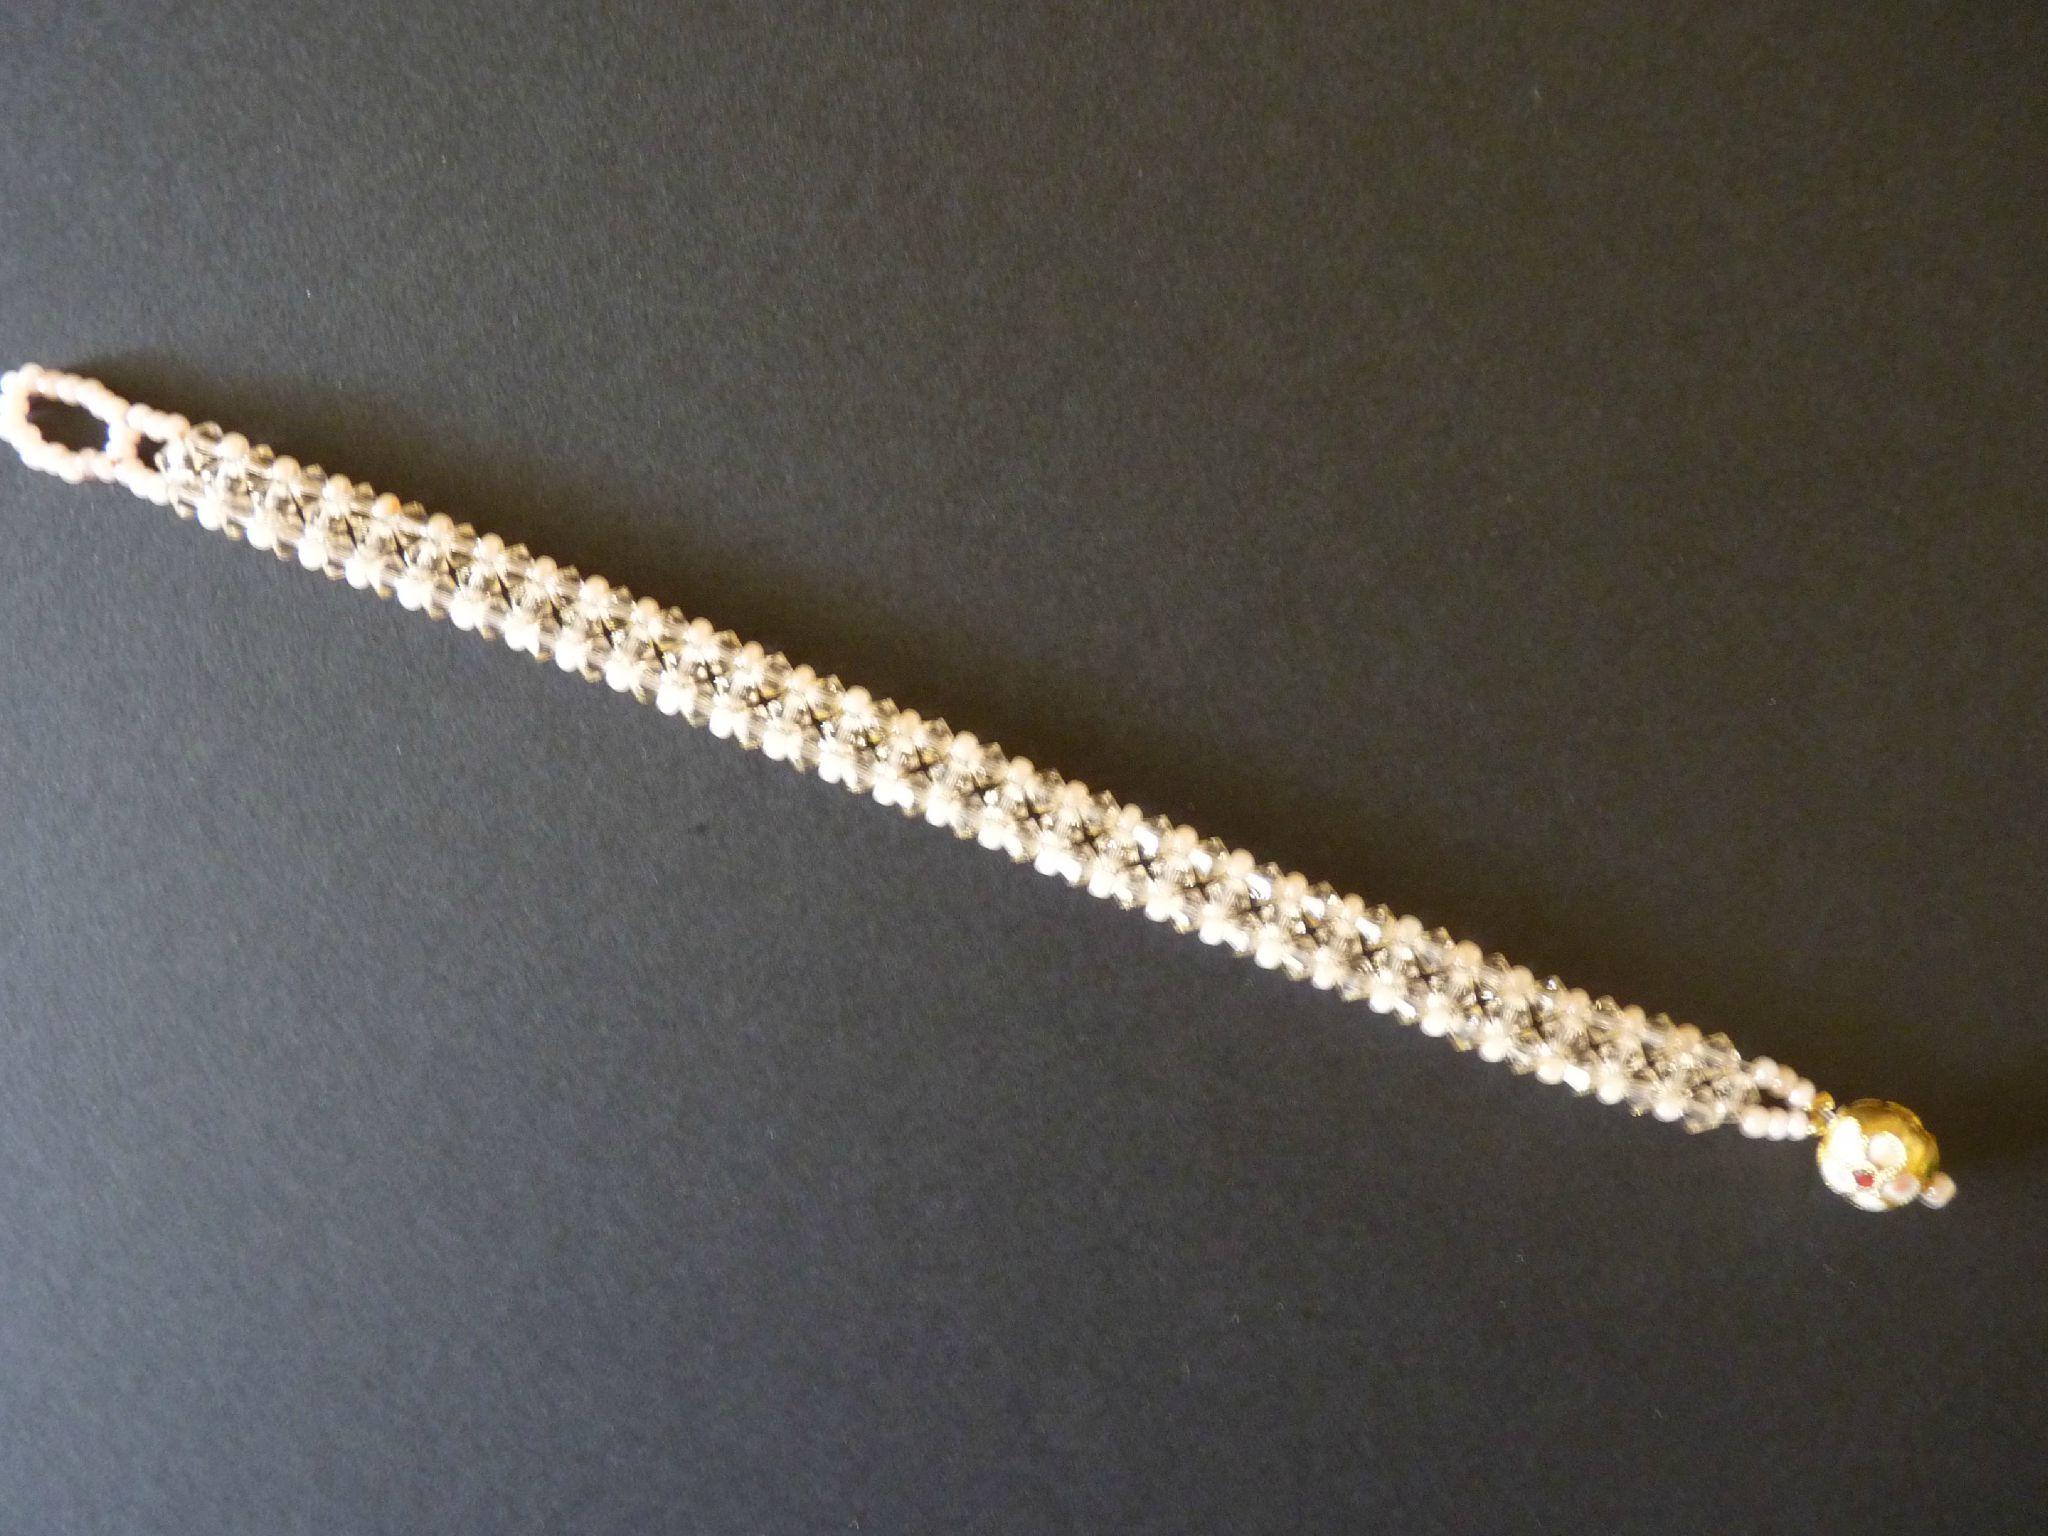 Très swarovski : Tous les messages sur swarovski - Aux Perles d'Opaline QK74